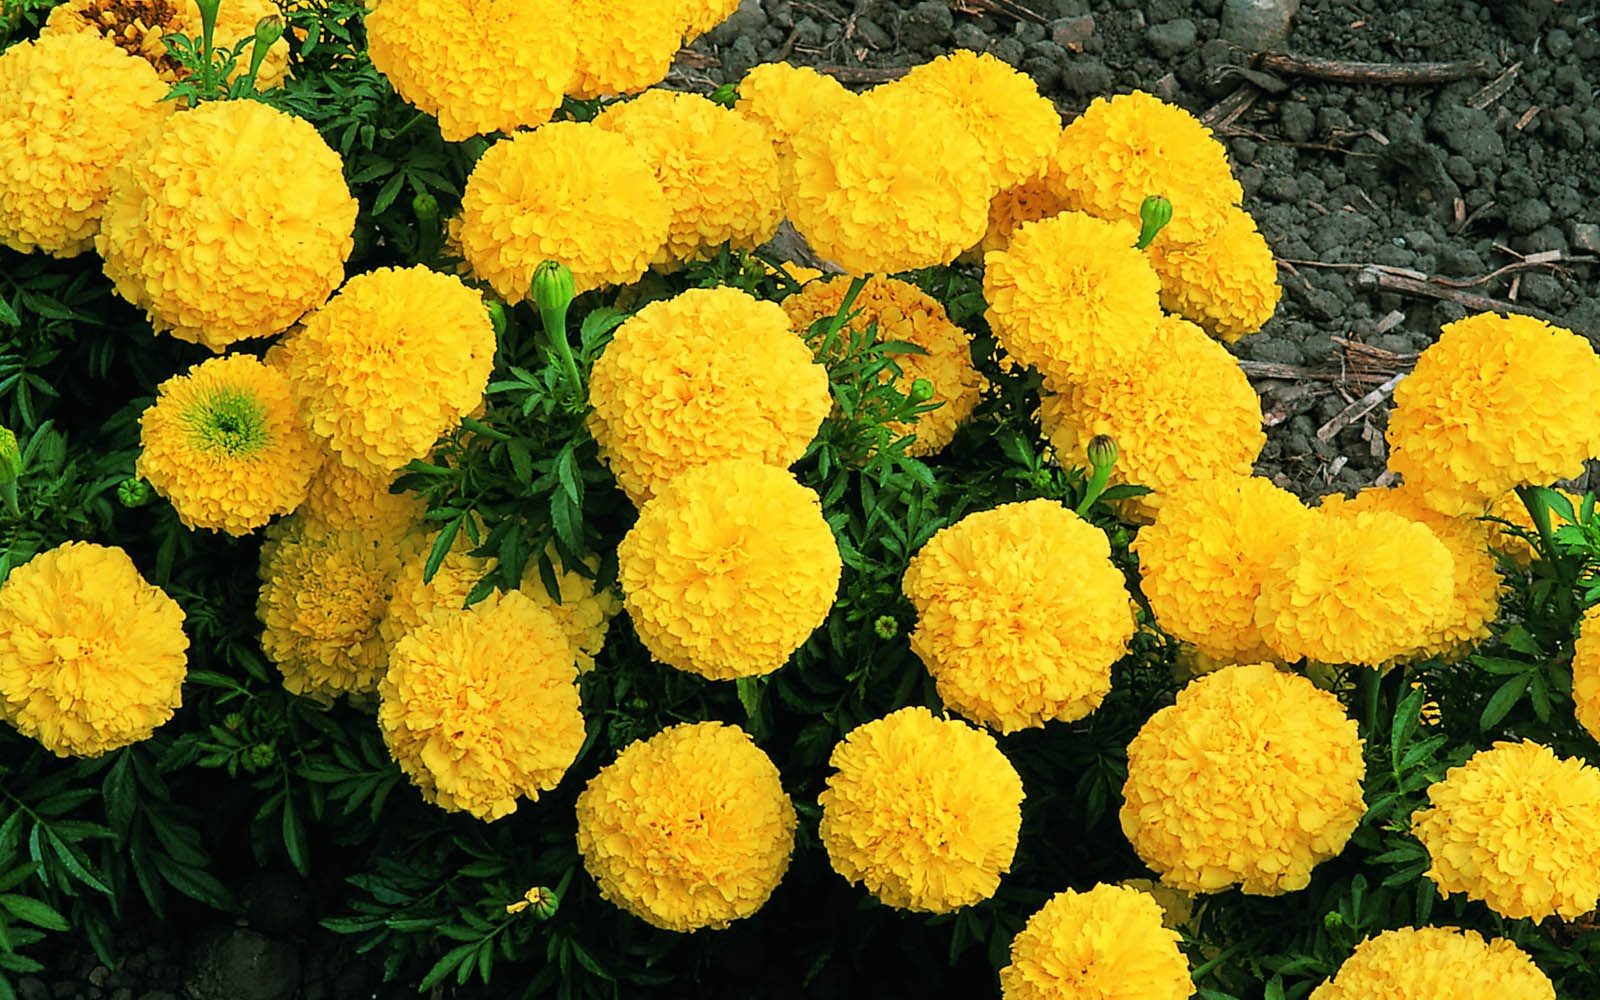 Hình ảnh hoa cúc vạn thọ màu vàng